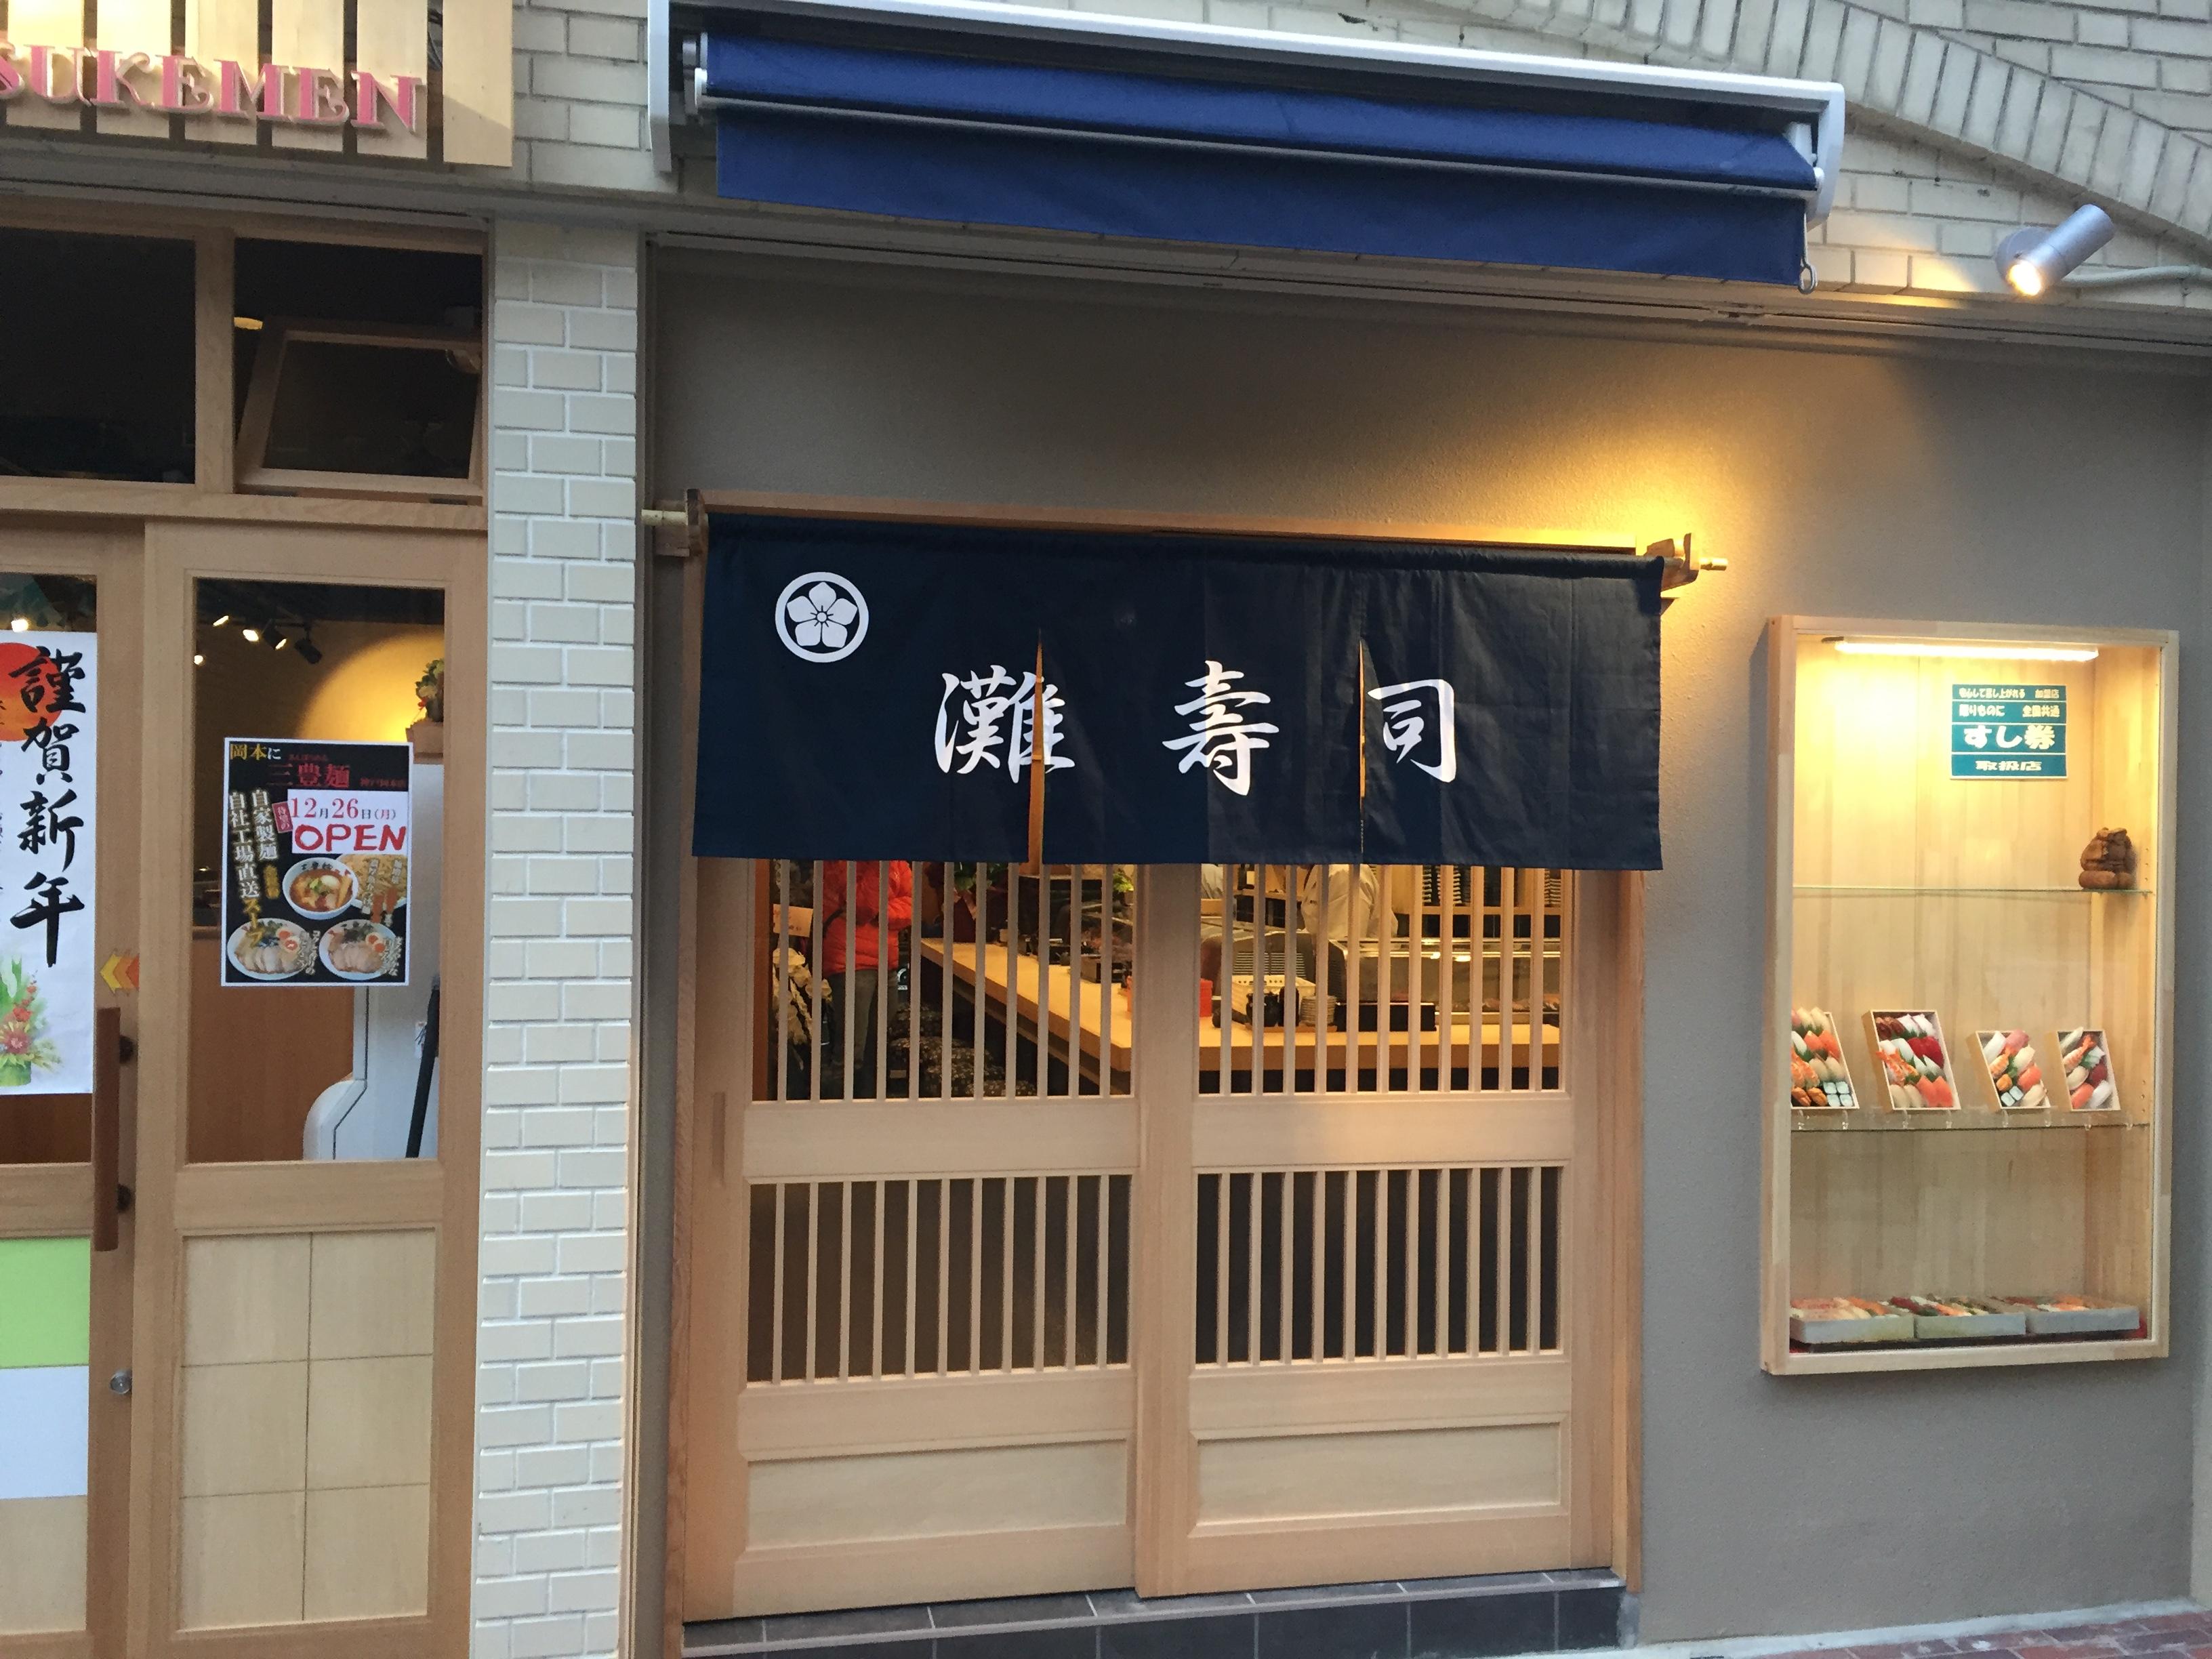 神戸・岡本の「灘寿司」が新店舗へ移転オープンしたよ!【※店内追加更新あり!】